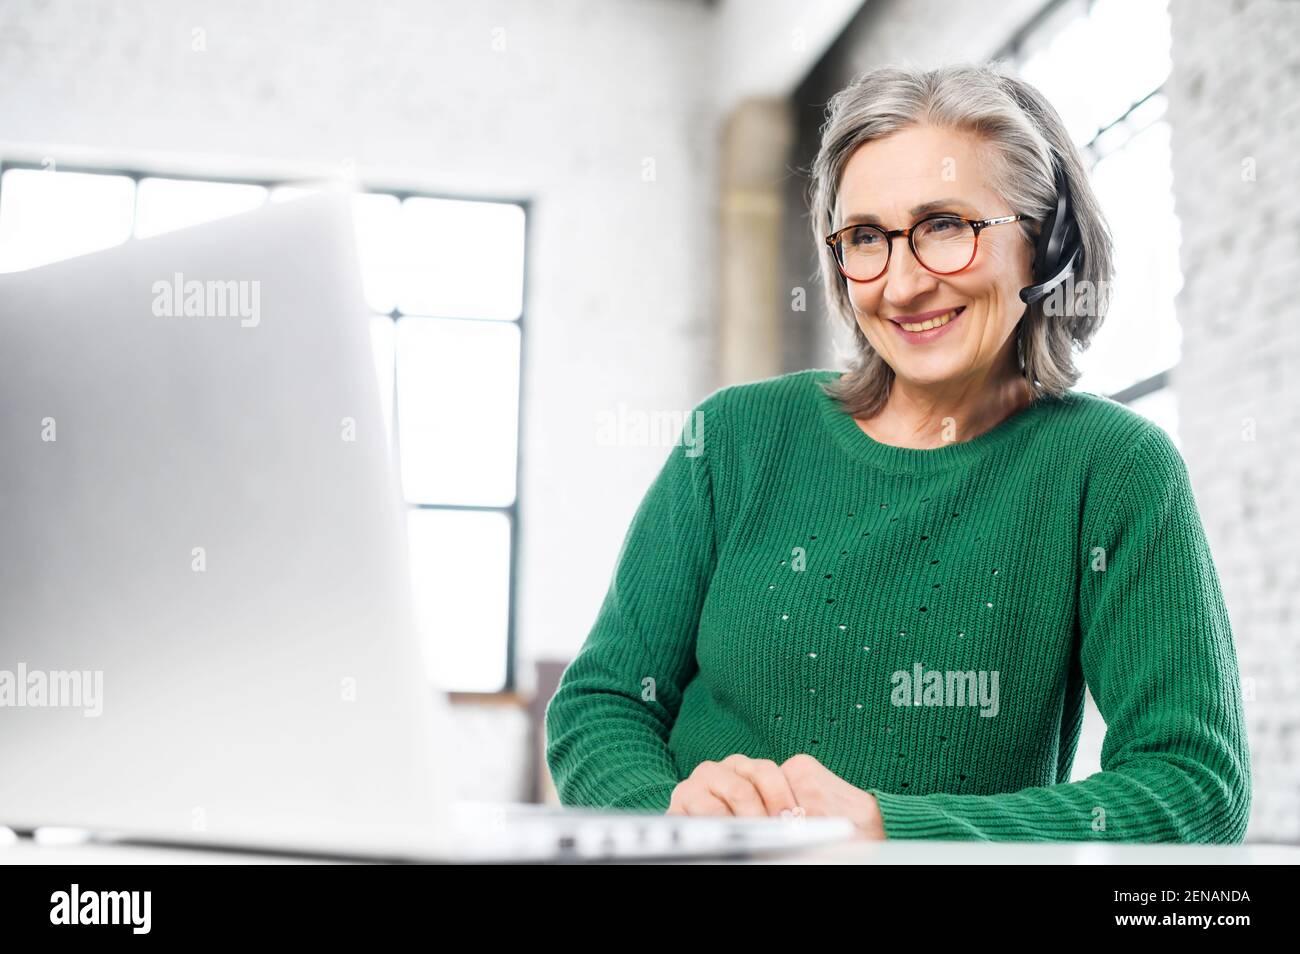 Alegre mujer anciana con auriculares, arrugas en la cara, sonriendo, escuchando en el ordenador, consultando al cliente en línea, da el Consejo, el trabajo en casa, persona positiva, se toma cada oportunidad de trabajar Foto de stock